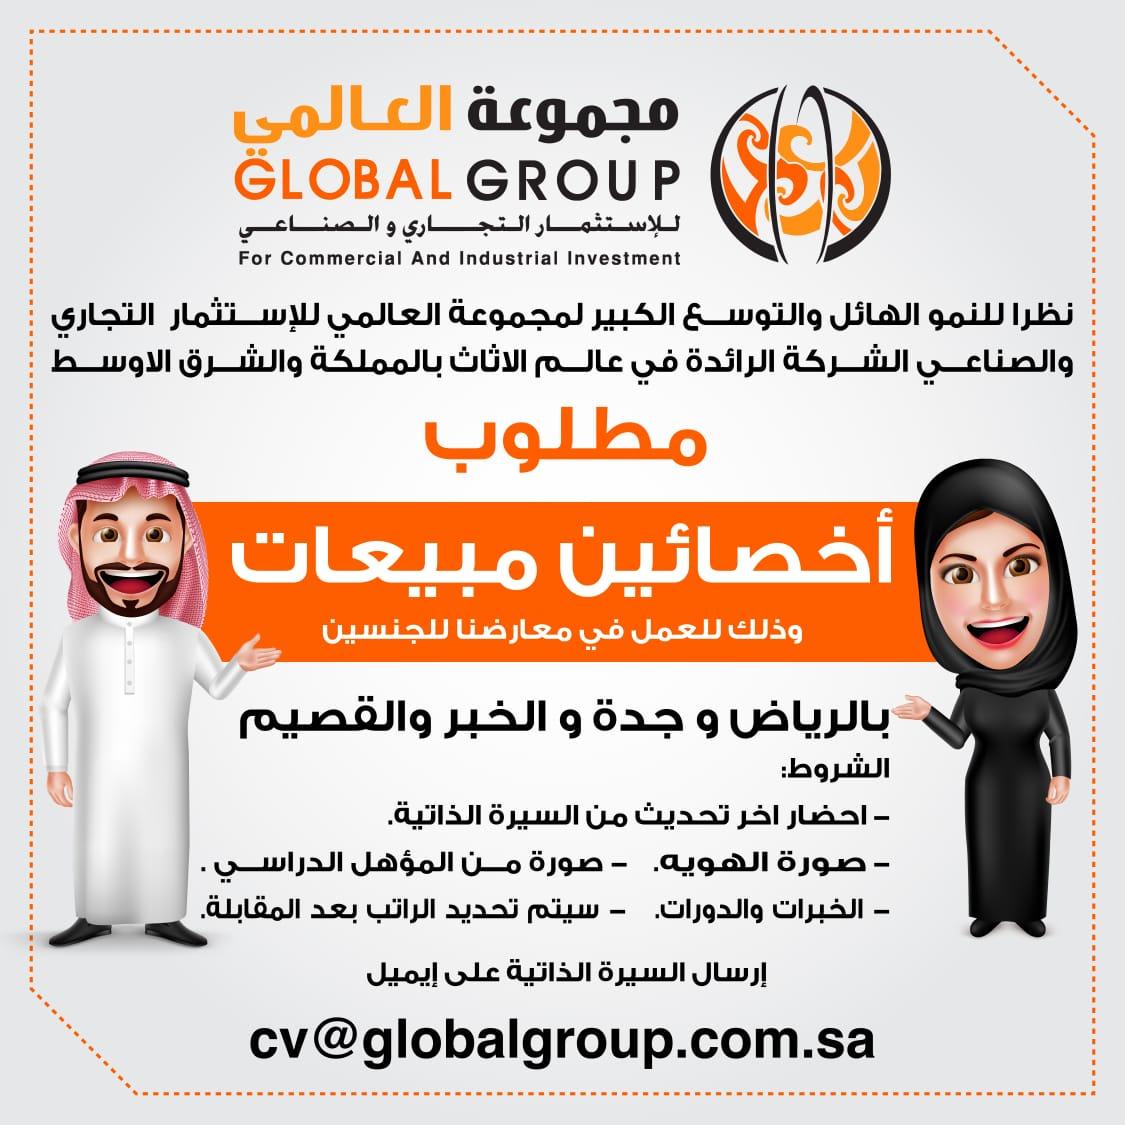 مفروشات مجموعة العالمي وظائف مبيعات في القصيم الرياض جدة الخبر